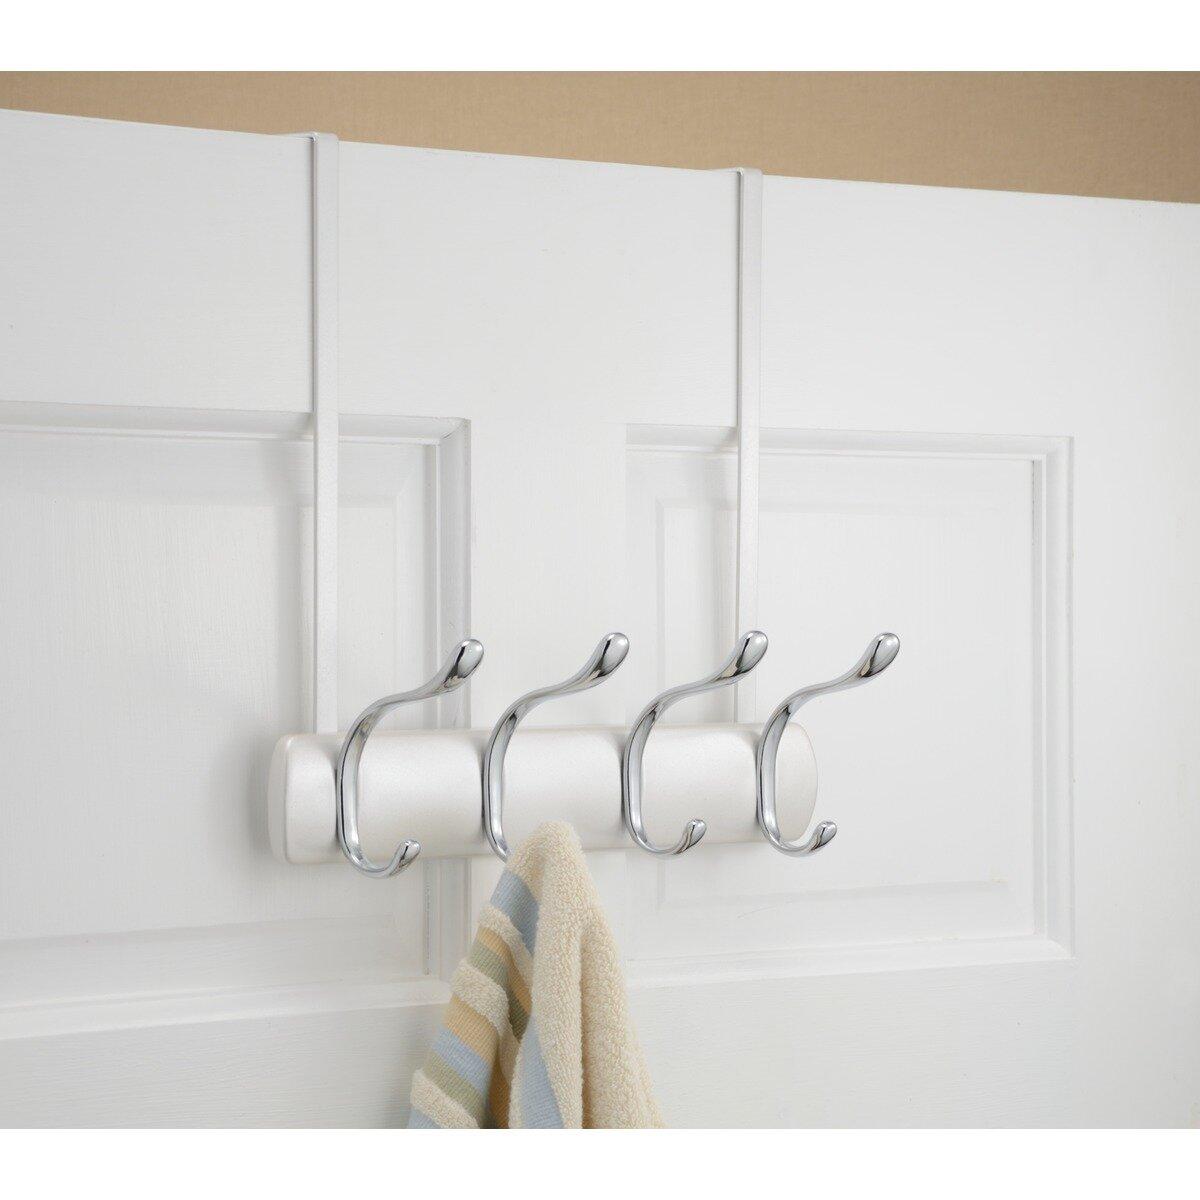 Interdesign Bruschia Over The Door Towel Rack Amp Reviews